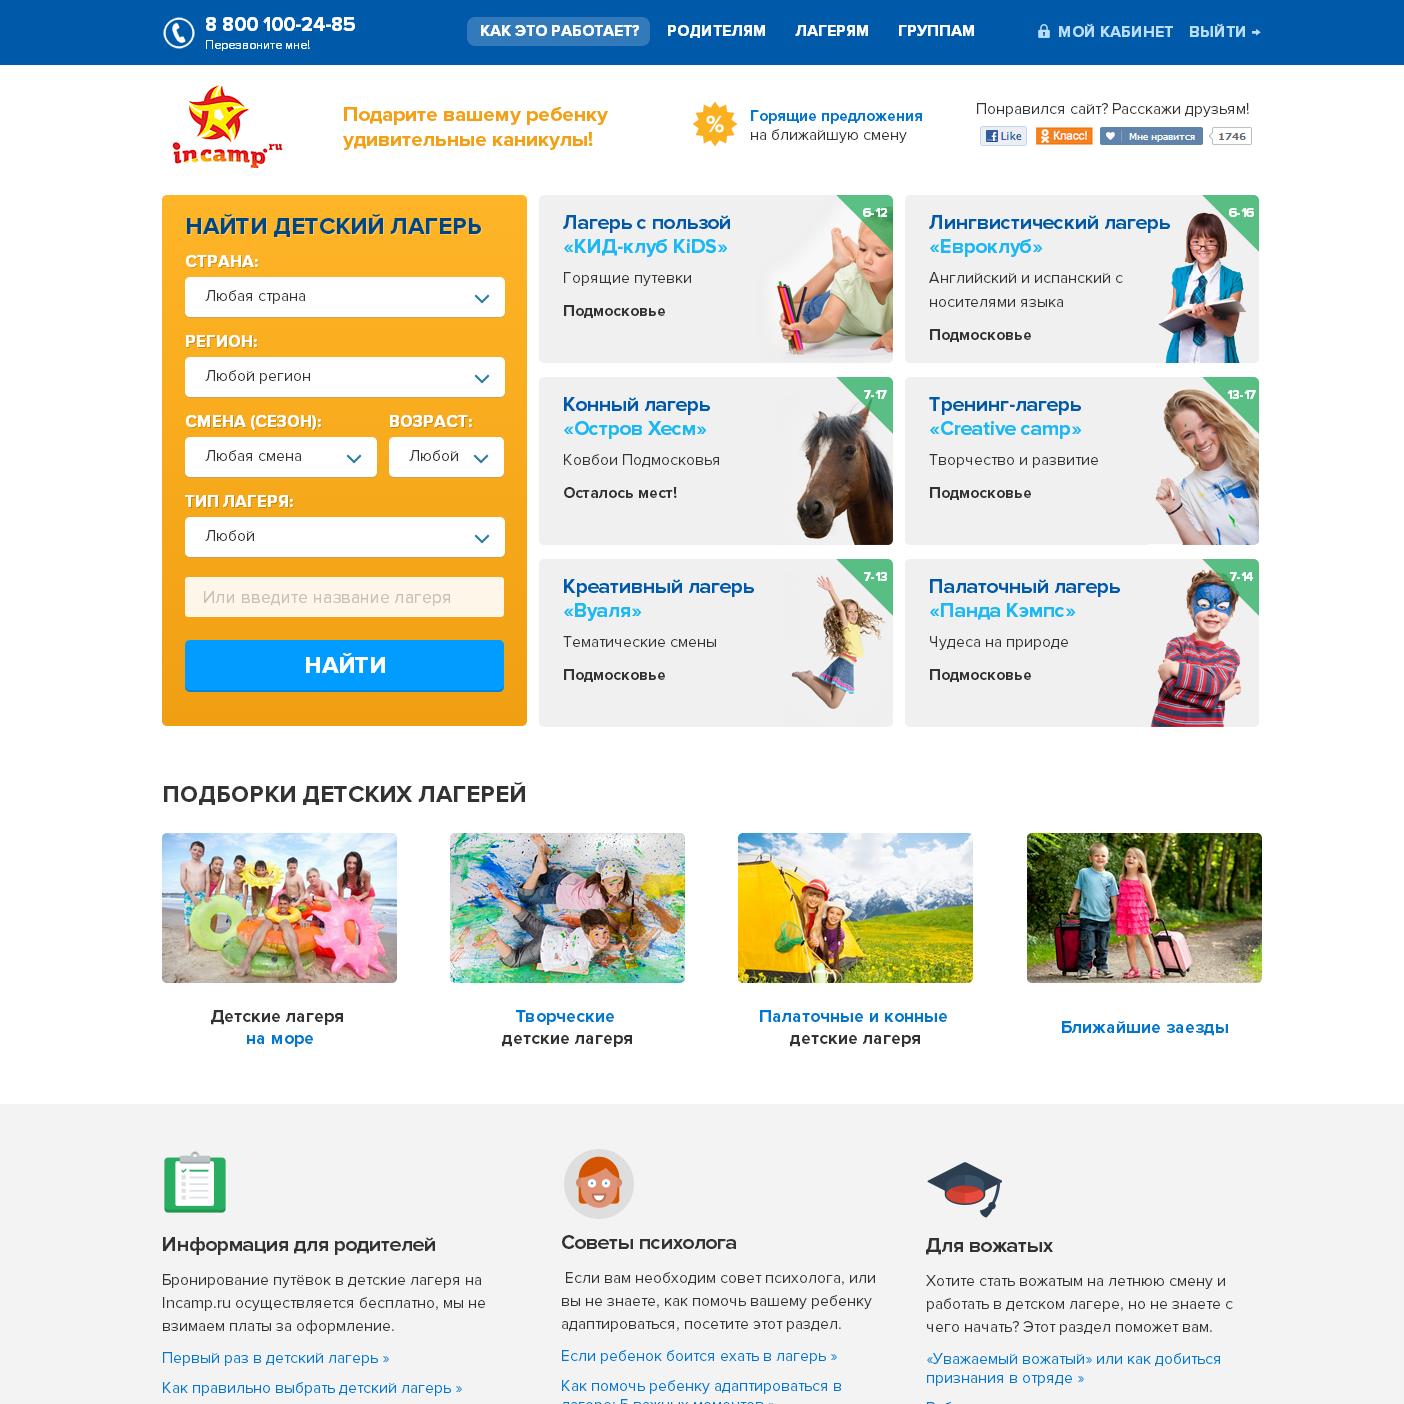 Incamp.ru - Система бронирования детских лагерей + CRM + BPM